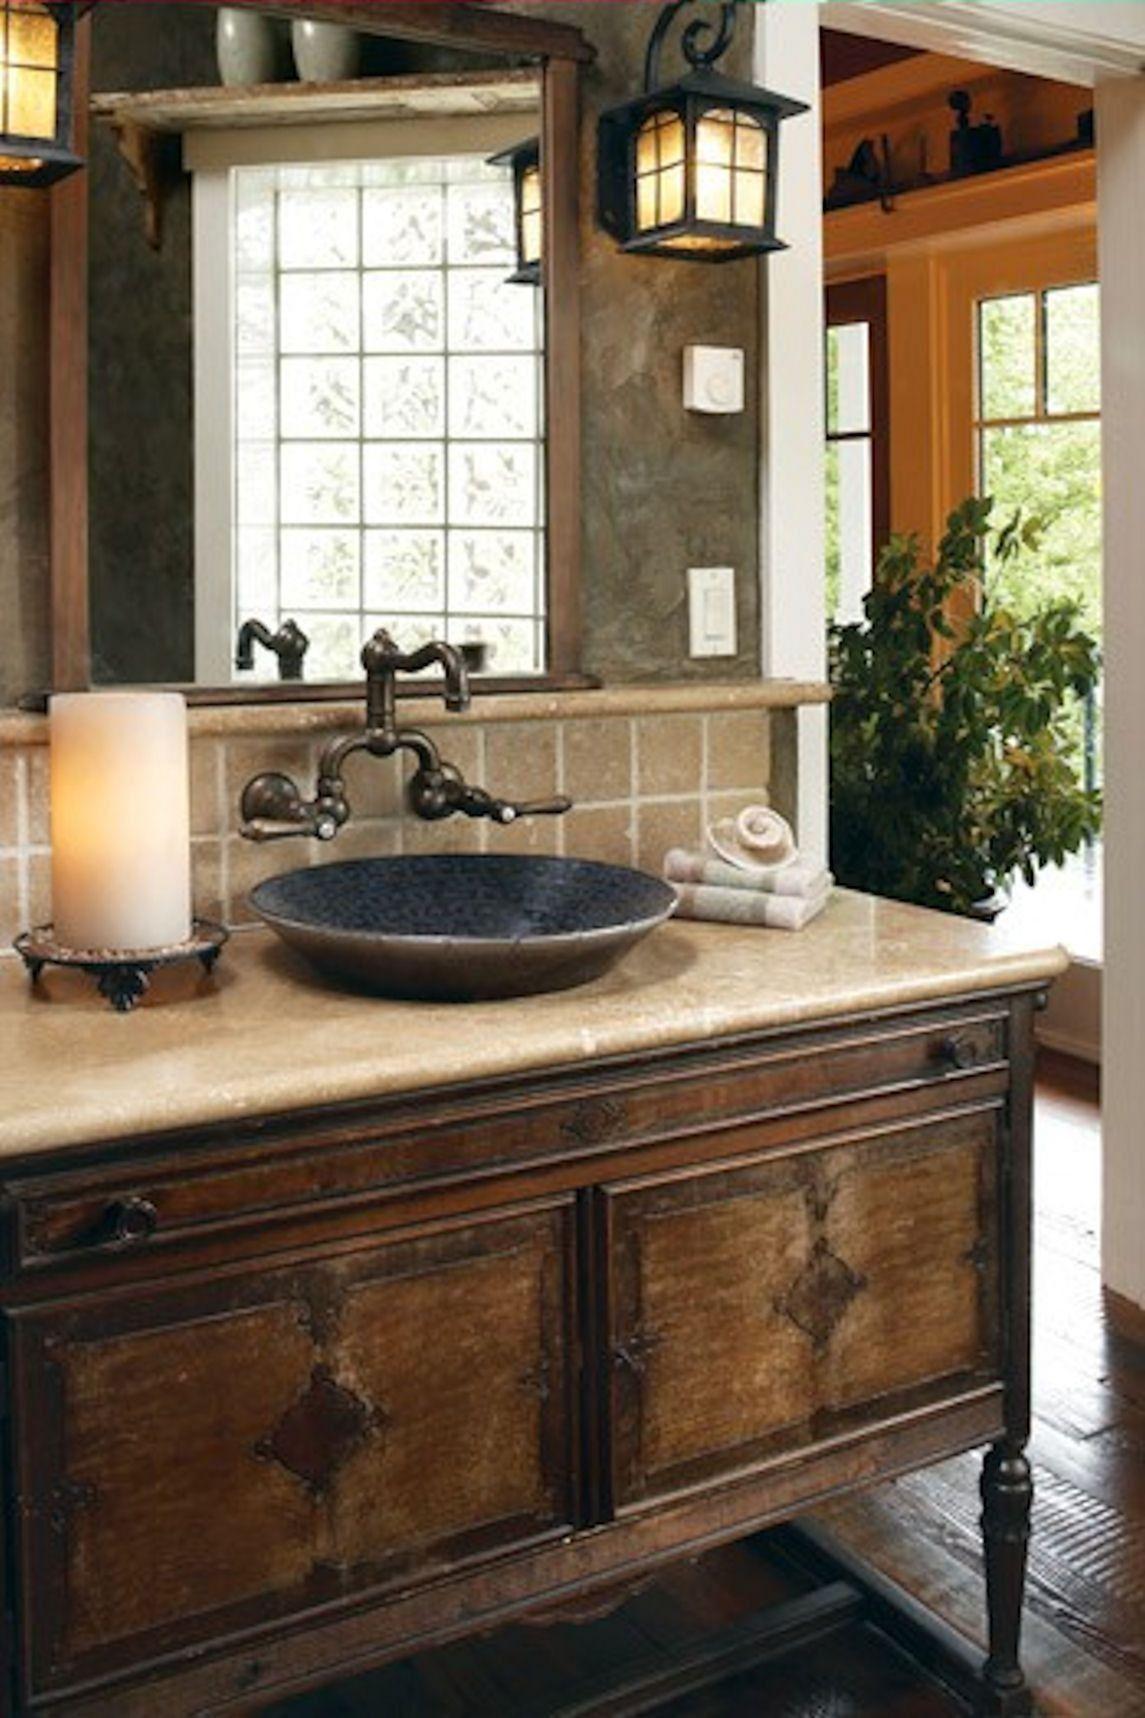 Bagno rustico come realizzarne uno da copertina arredo for Arredo bagno rustico